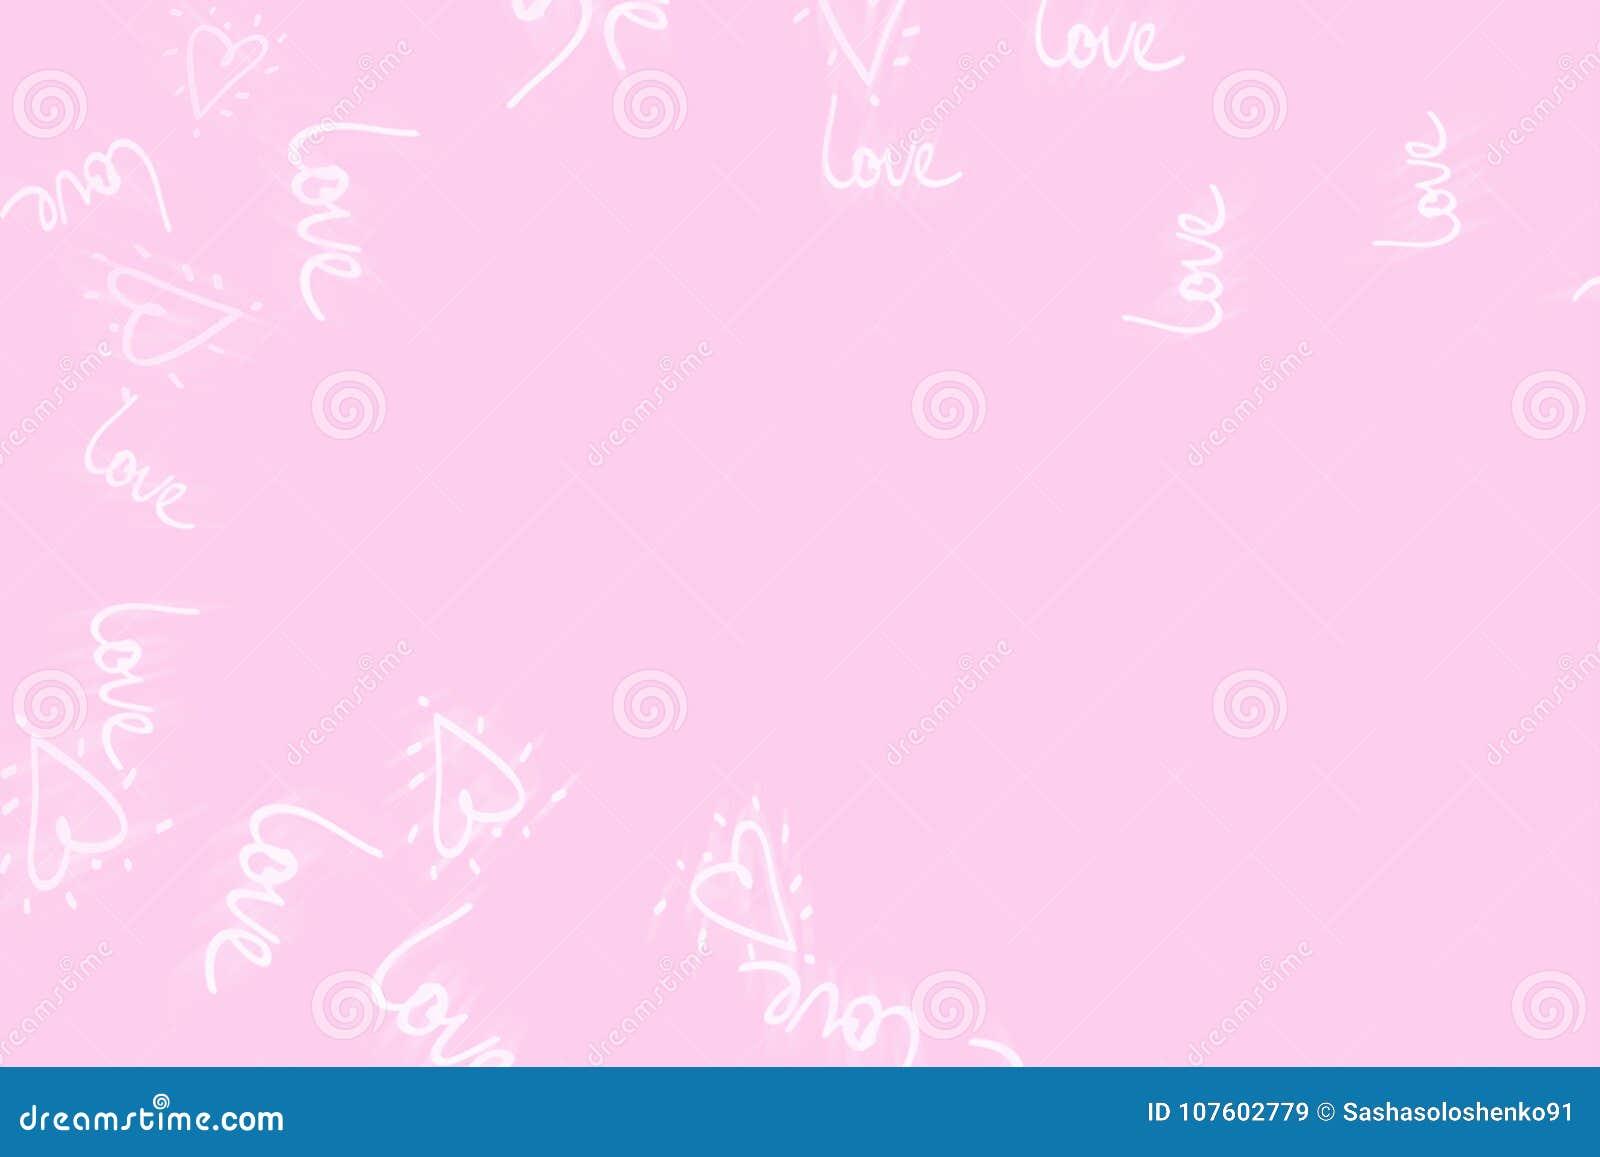 Concetto astratto rosa del fondo del giorno del ` s del biglietto di S. Valentino